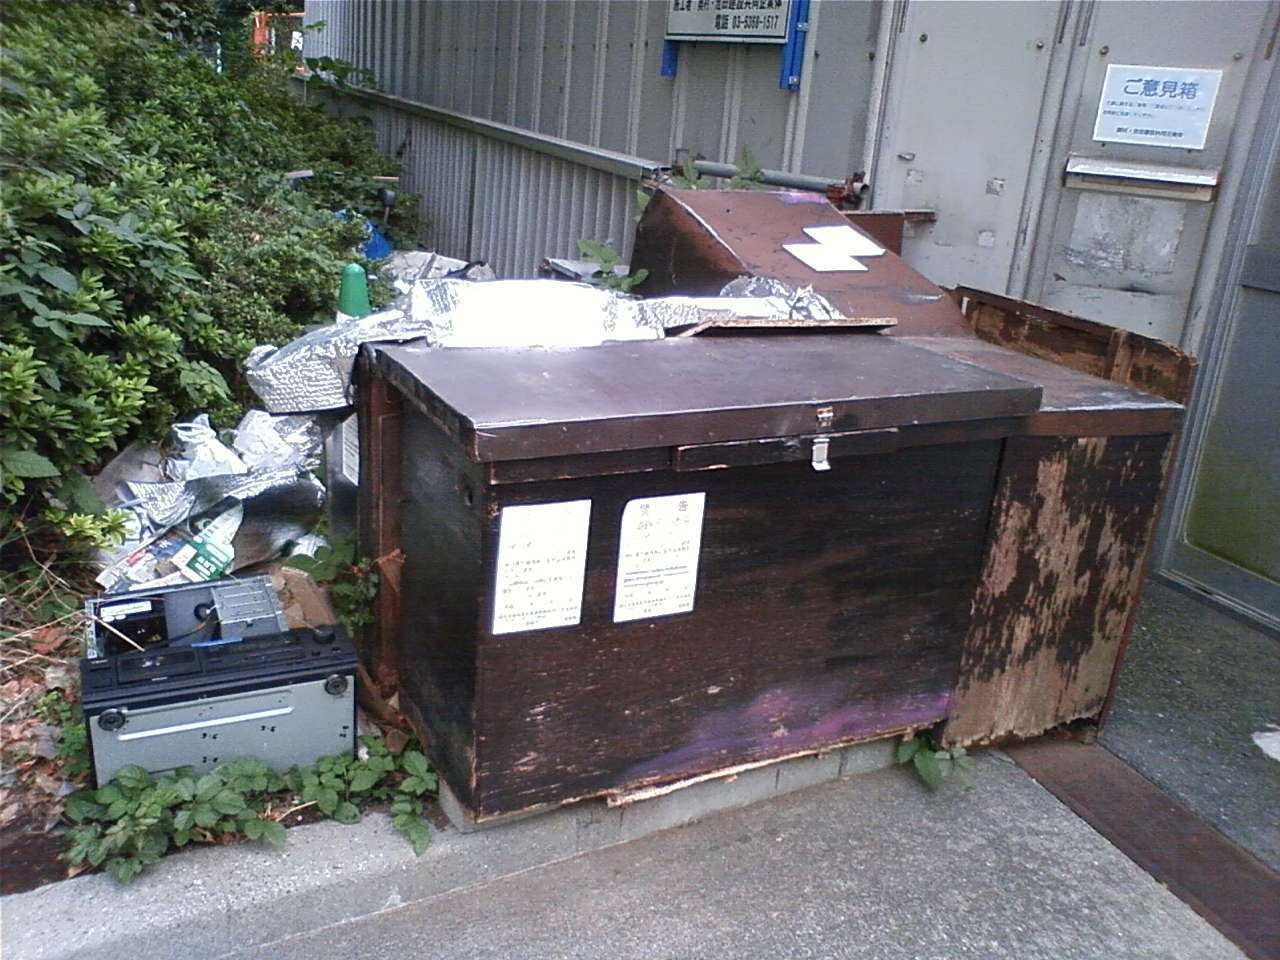 写真 新宿四丁目付近 5_b0136144_6332229.jpg